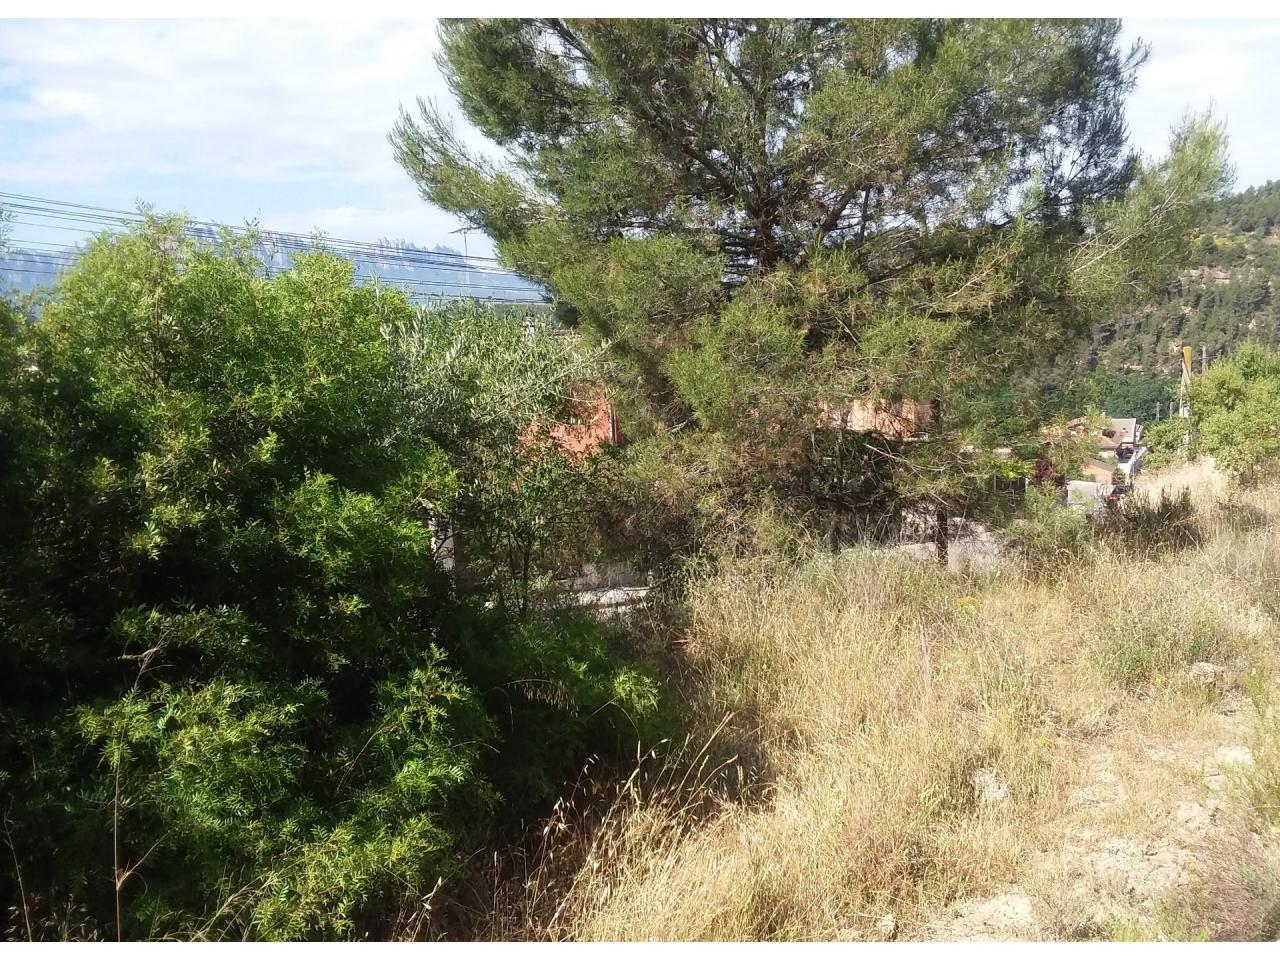 Terreno en URB. MARQUET PARADIS (El Pont de Vilomara i Rocafort)